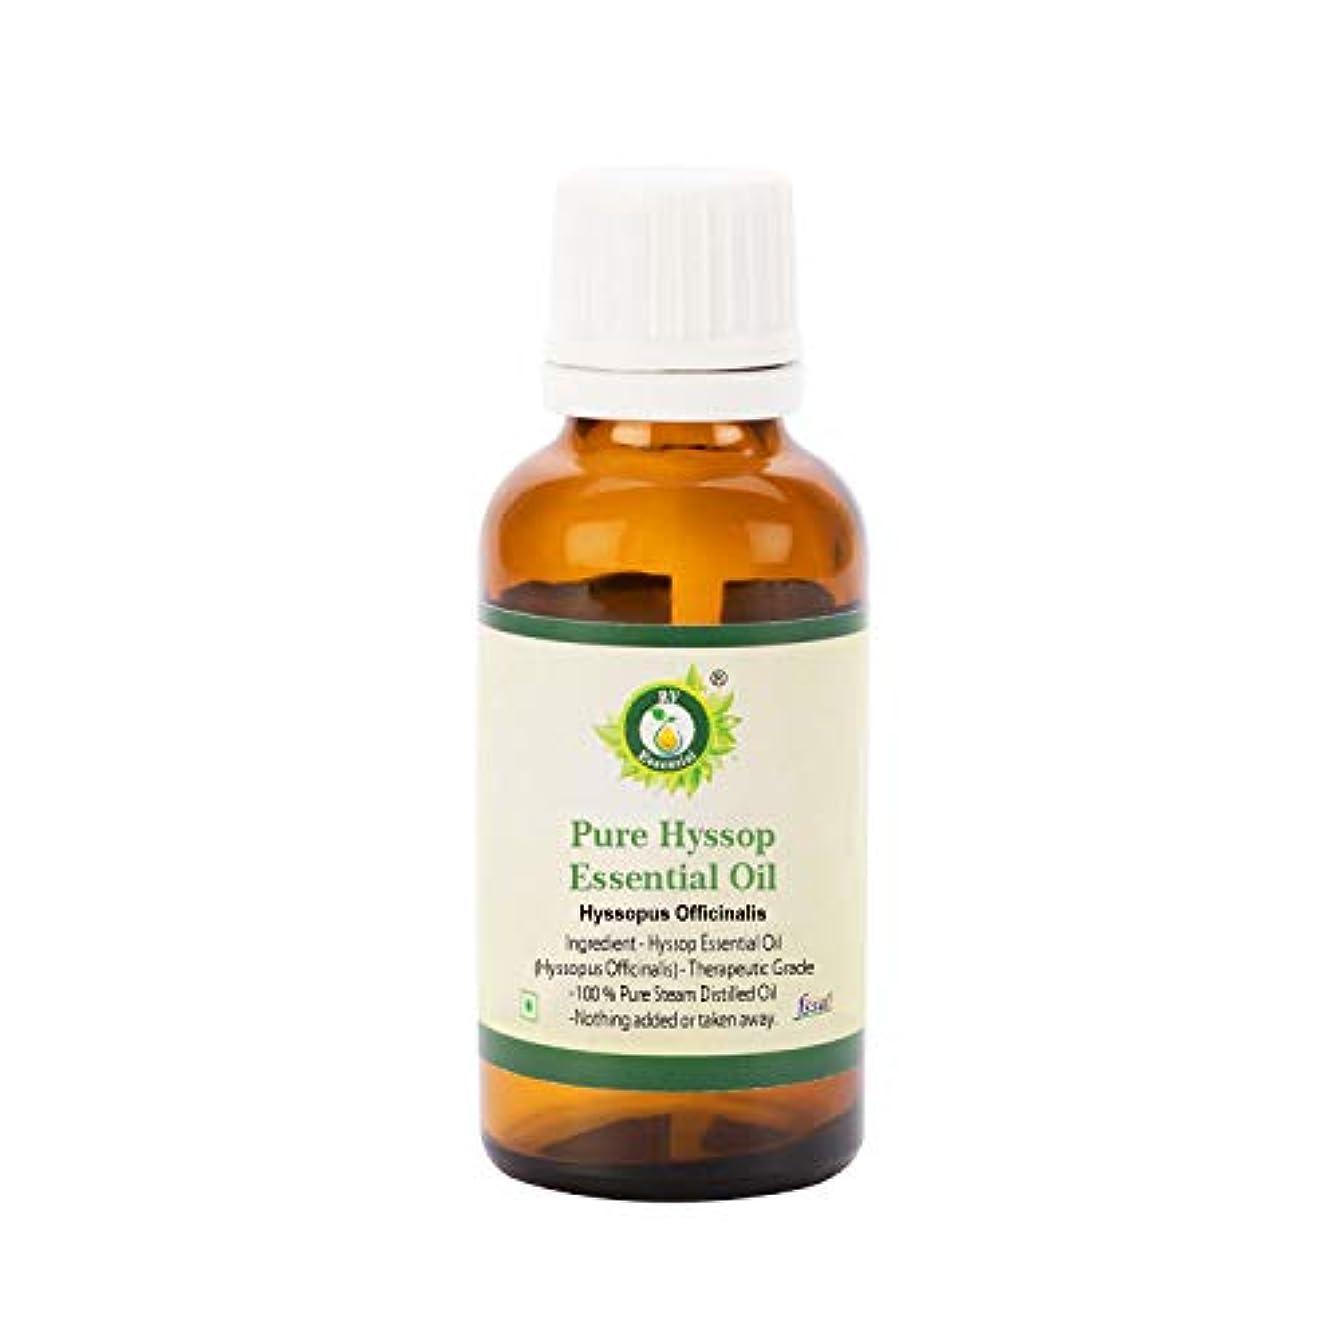 どちらか事業内容砂漠R V Essential ピュアヒソップエッセンシャルオイル10ml (0.338oz)- Hyssopus Officinalis (100%純粋&天然スチームDistilled) Pure Hyssop Essential...